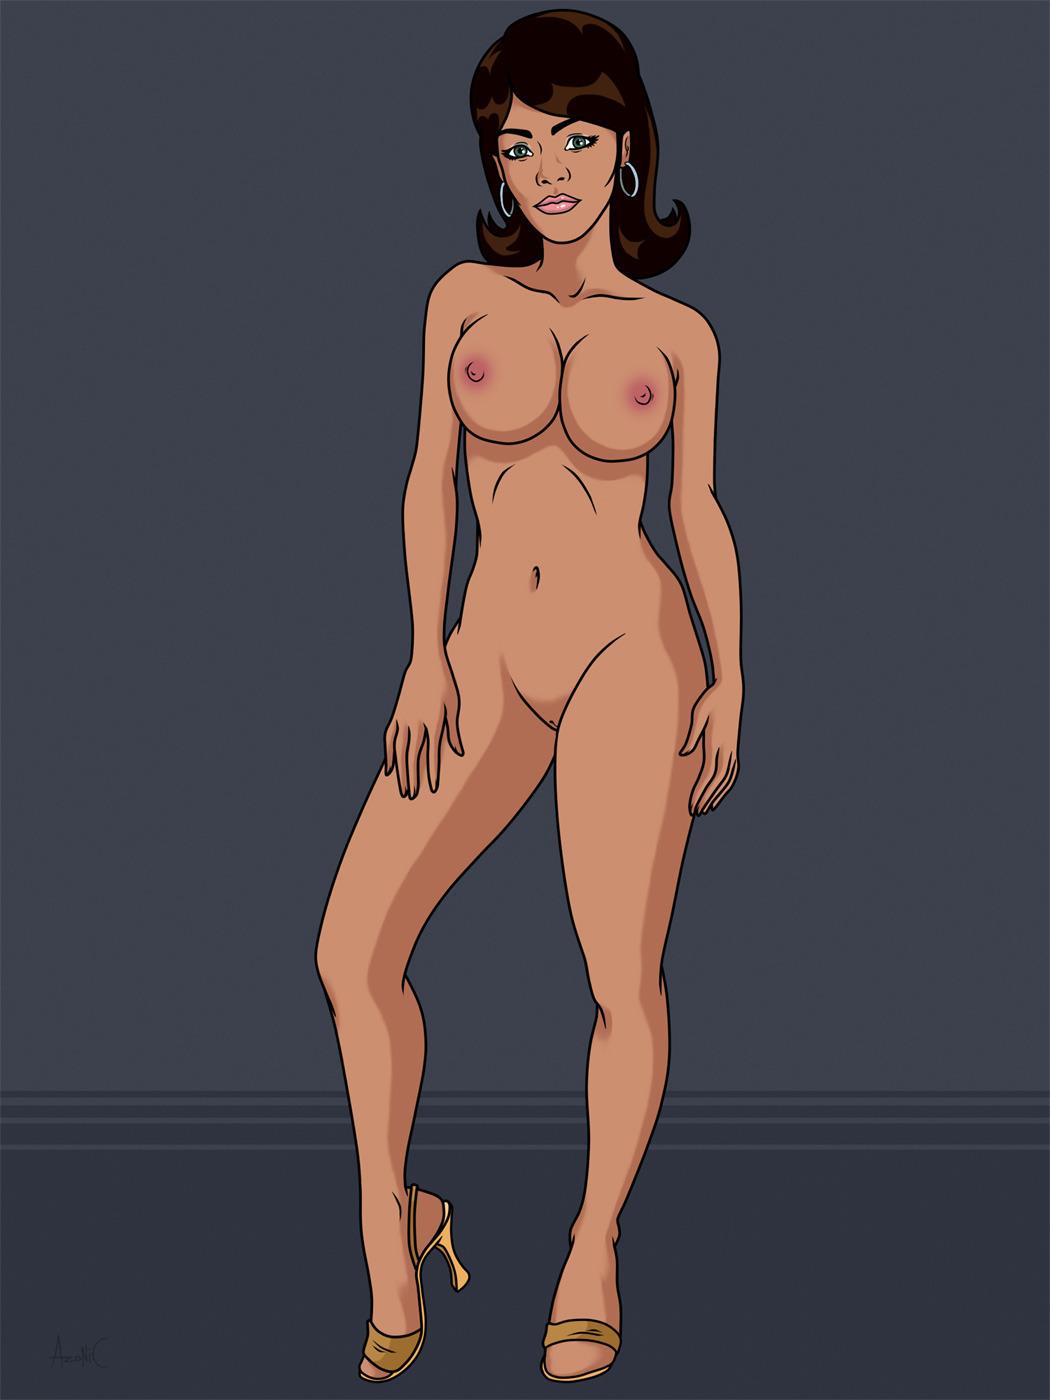 Lana Kane Archer Porn Pics